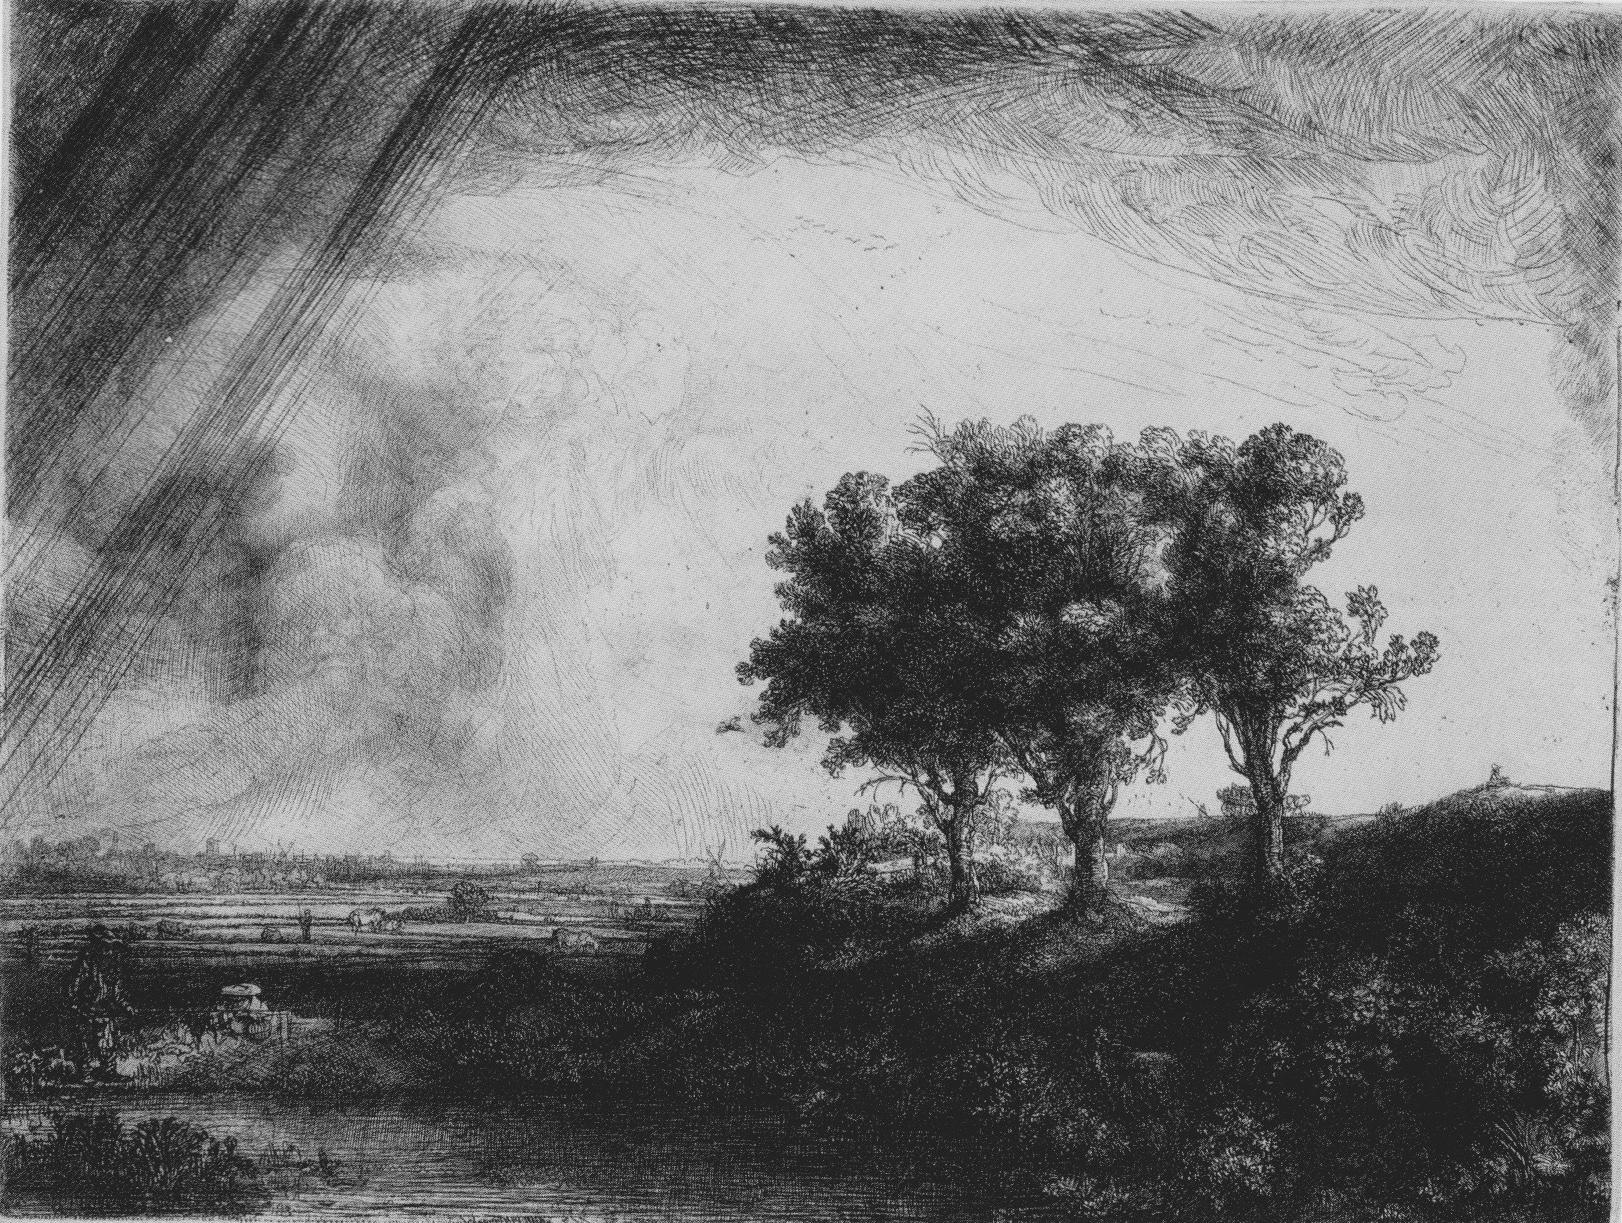 Rembrandt Le Paysage aux trois arbres 1643 Eau-forte, gravure sur cuivre et aiguille à froid 21,3x27,9cm (plaque) 21,7x28,4cm (feuille), Coll. part.